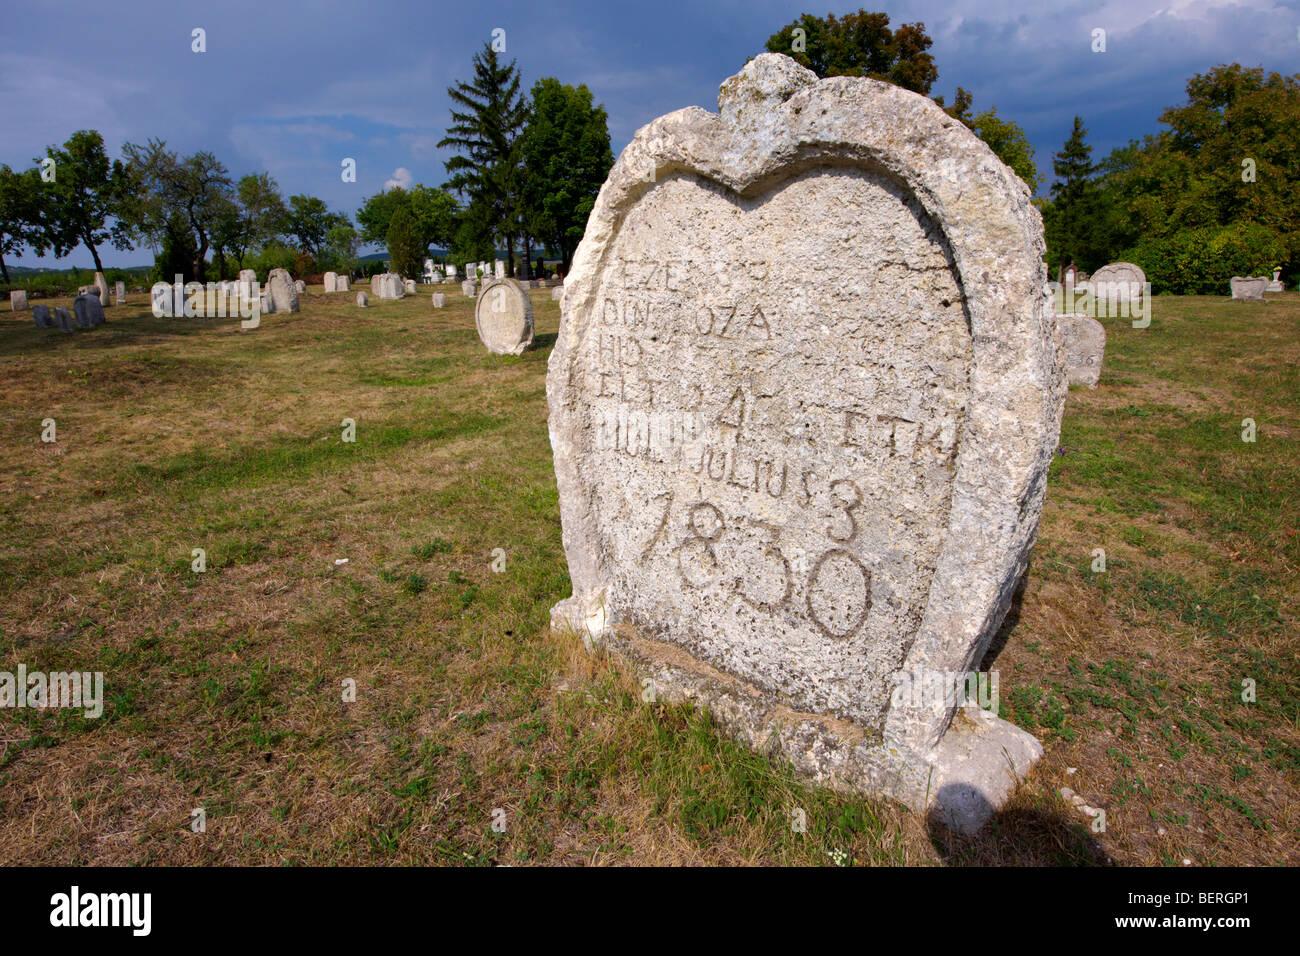 Early 19th century grave stone of the Balatonudvari cemetery - Balaton Hungary - Stock Image